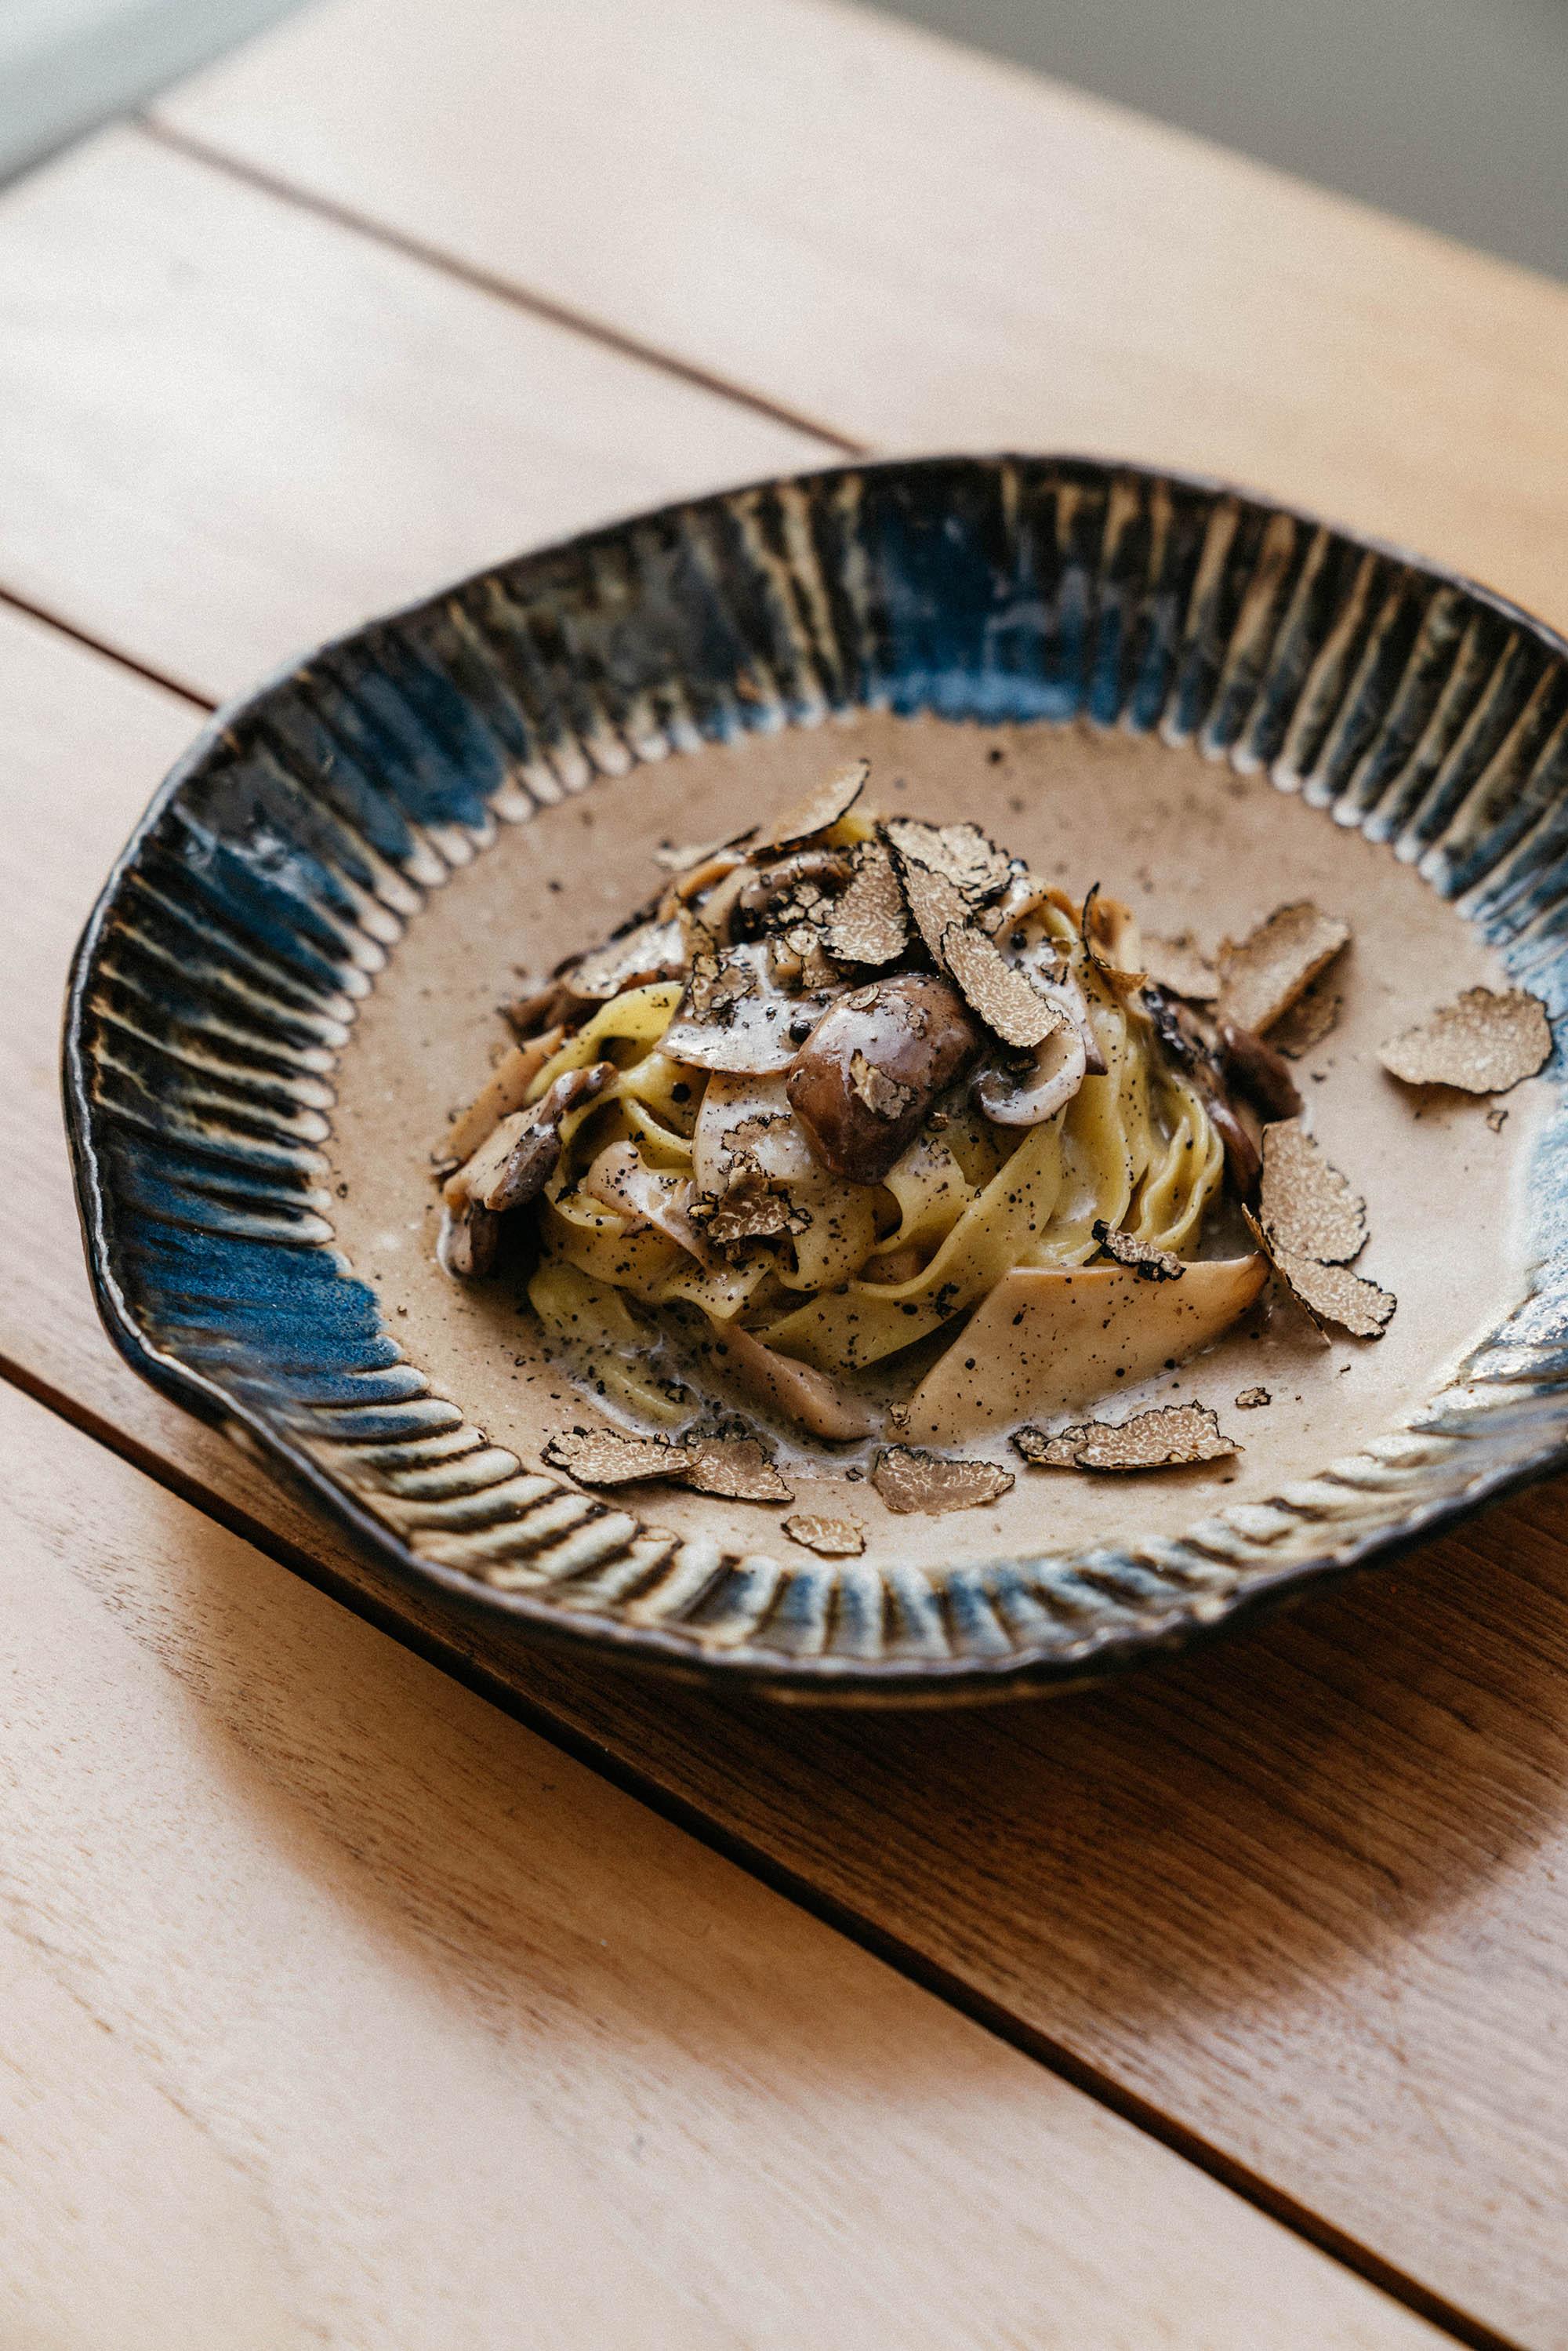 Tagliatelle w/ wild mushrooms and truffle